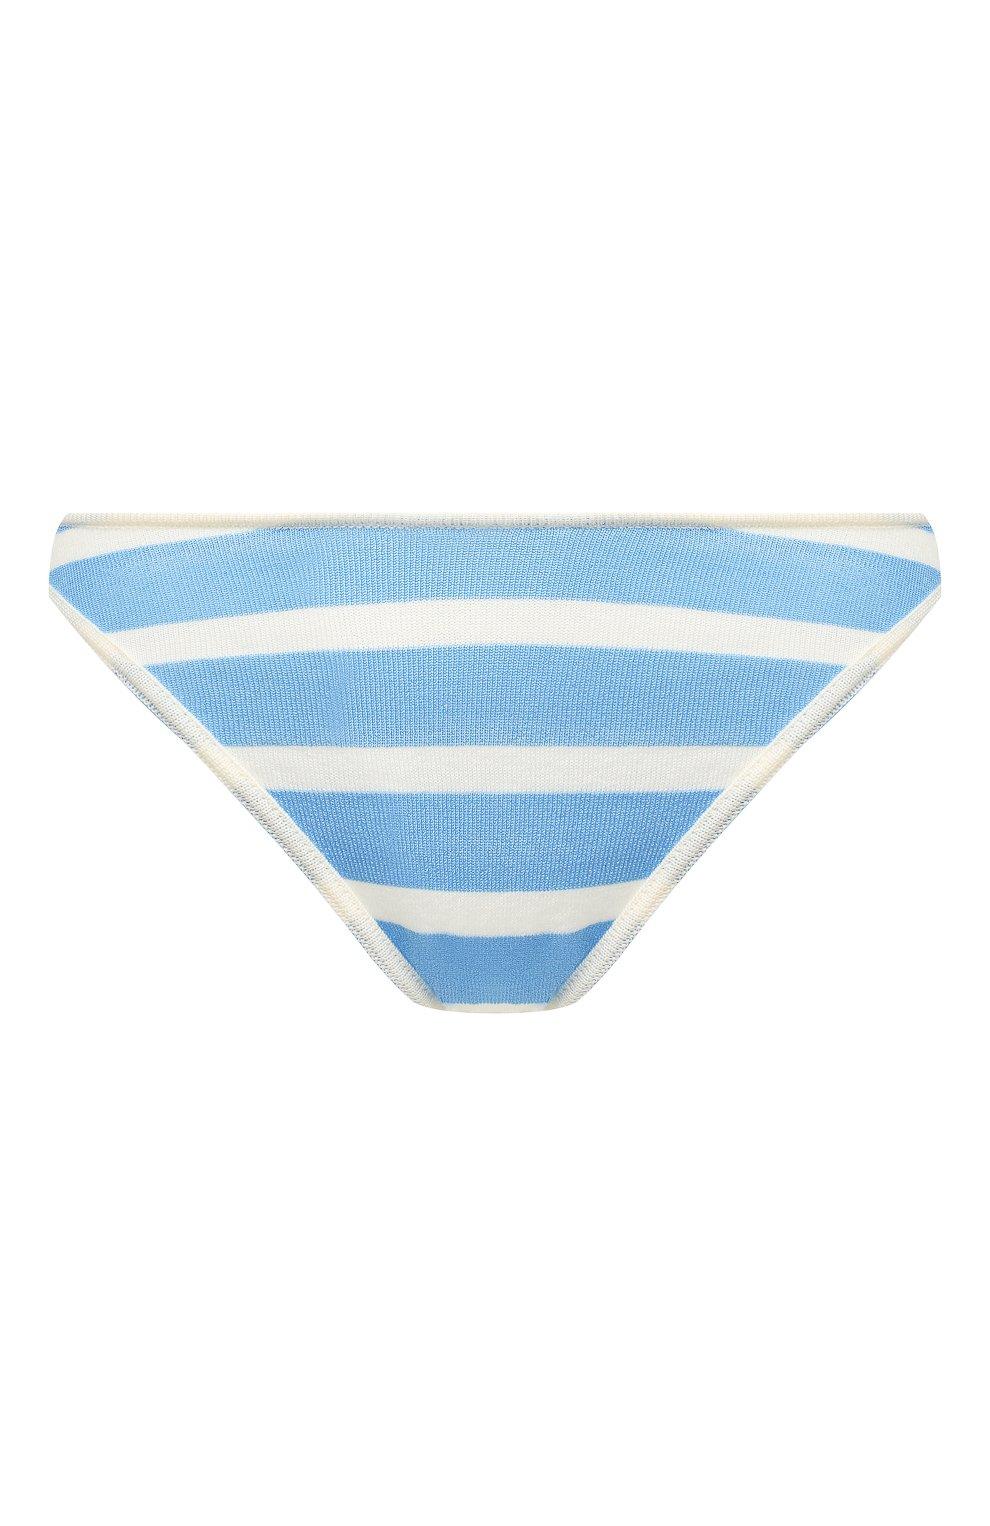 Женский трусы из смеси вискозы и шерсти JACQUEMUS голубого цвета, арт. 192KN17/42341 | Фото 1